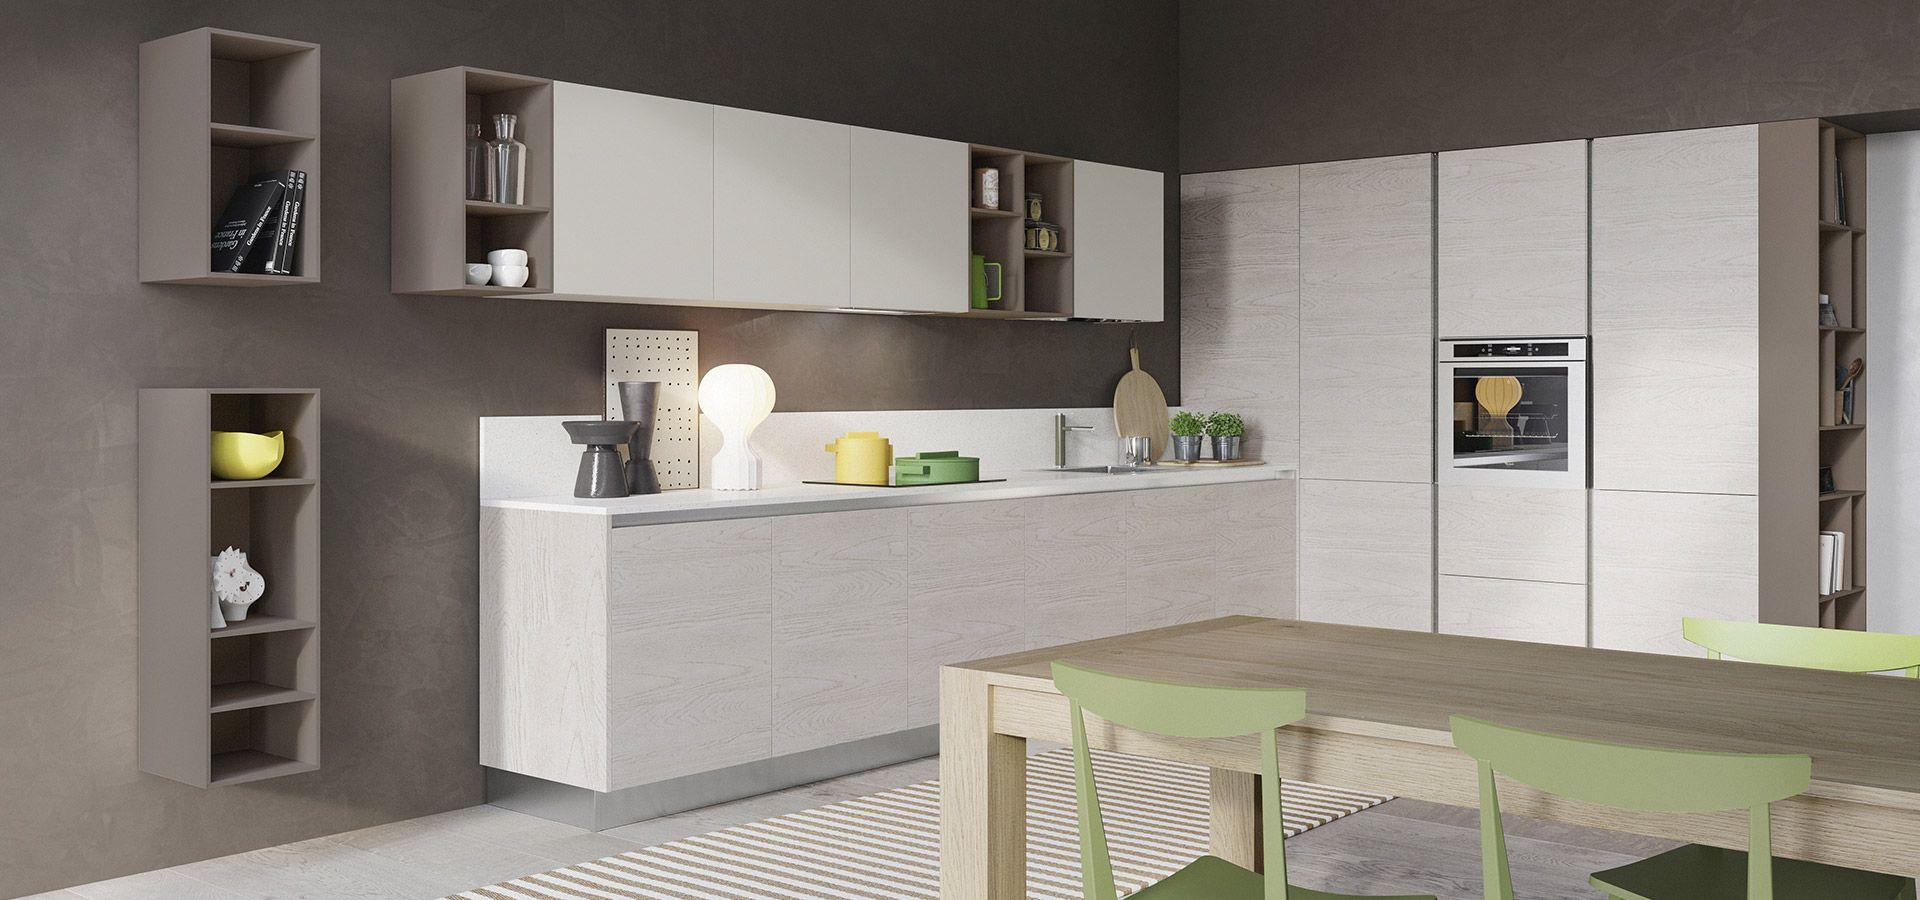 cucina #moderna #arredo3 | K I T C H E N | Pinterest | Round glass ...